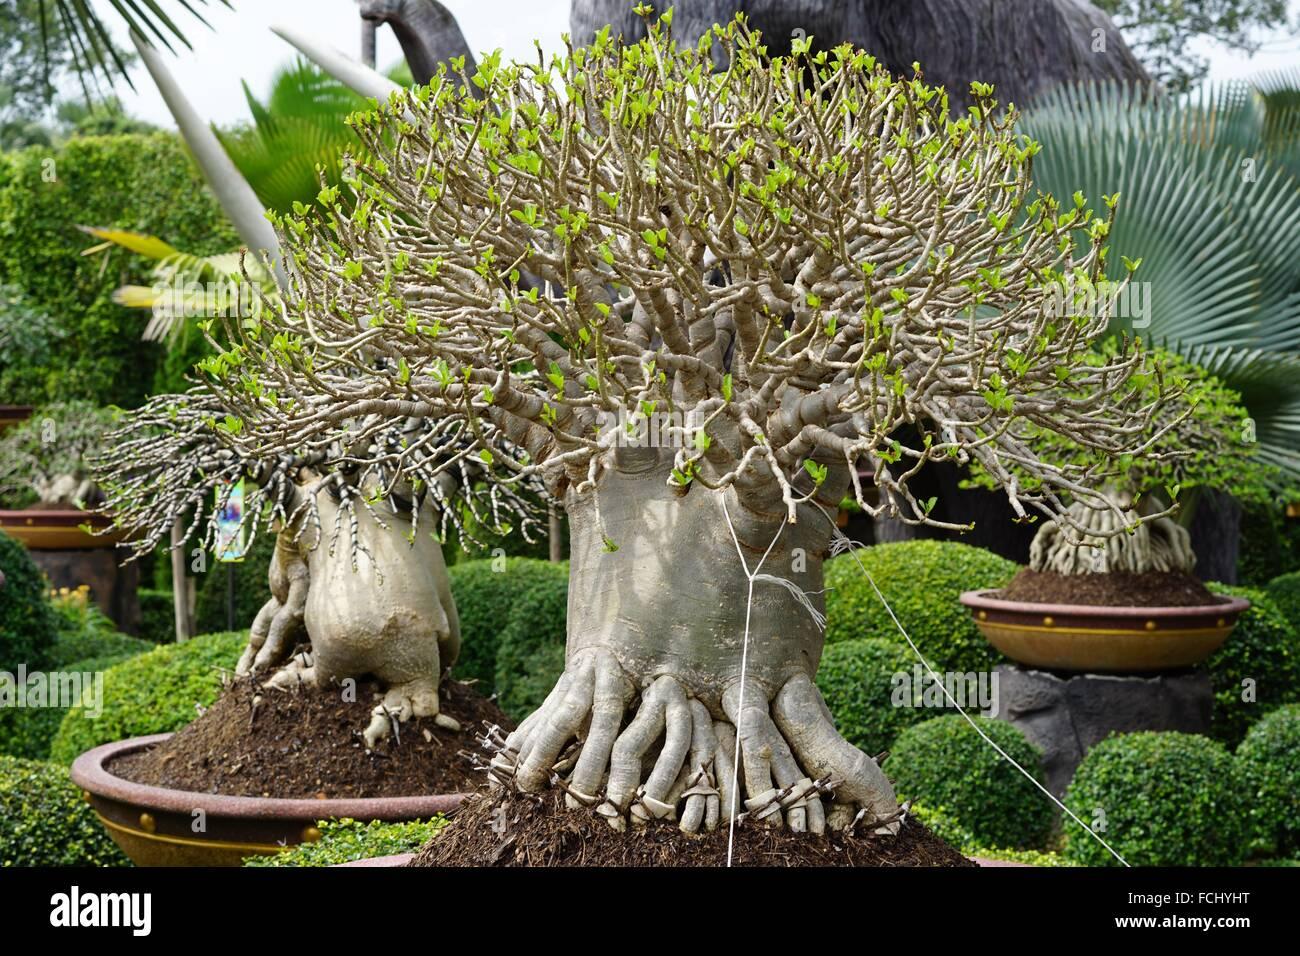 Bonsai Tree In A Pot At Nong Nooch Village Garden, Thailand